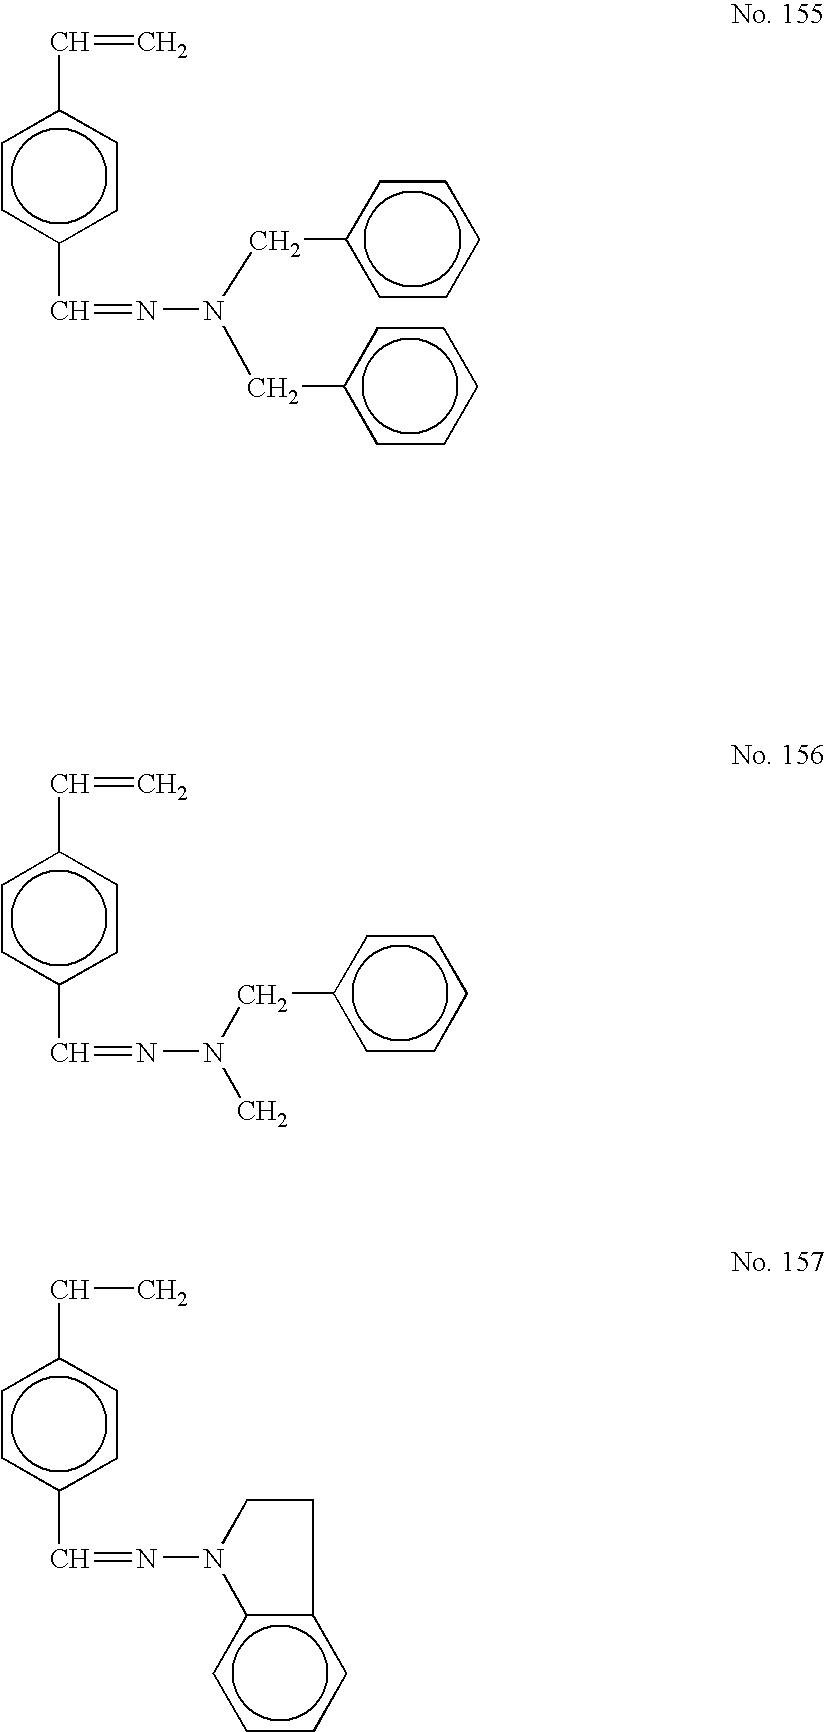 Figure US20040253527A1-20041216-C00065